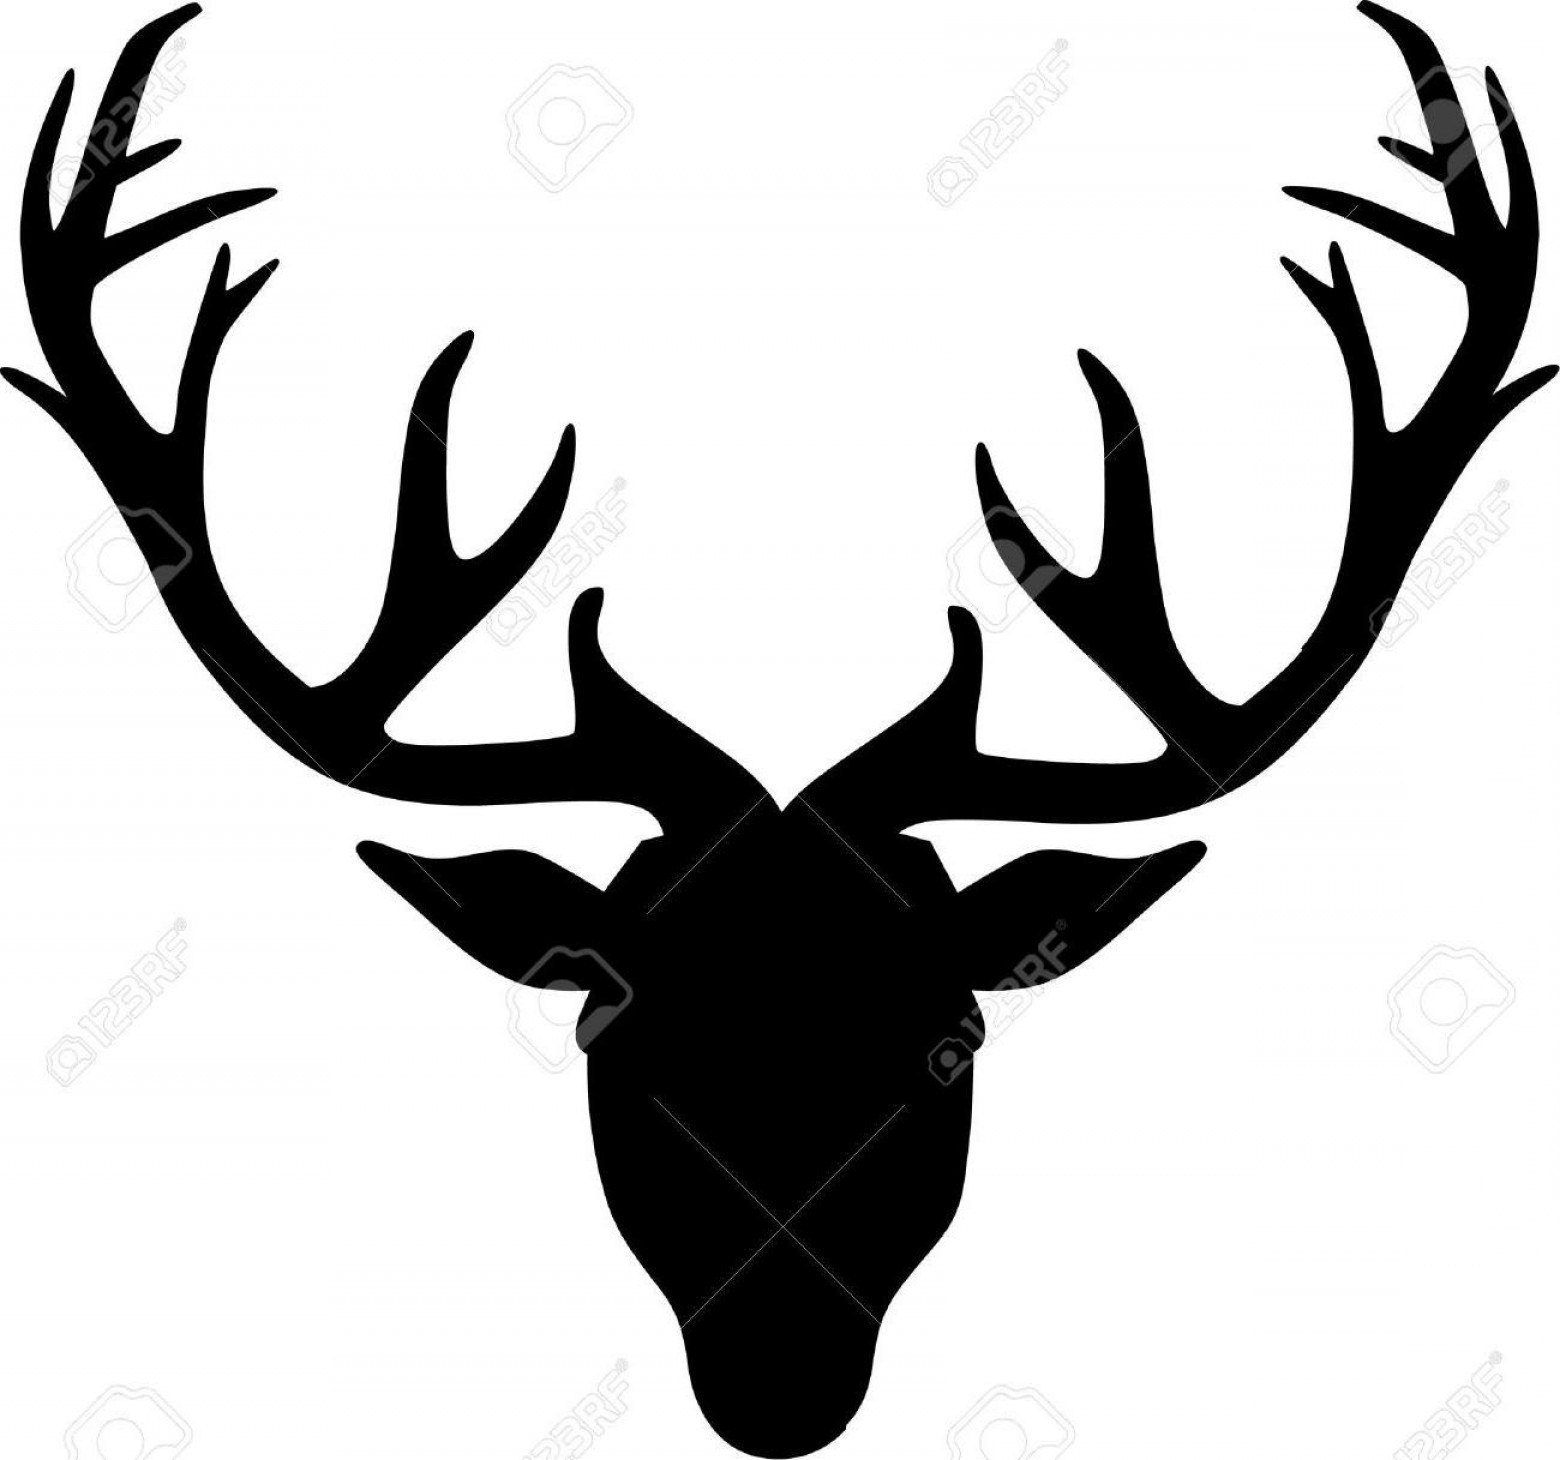 Top Free Deer Antler Silhouette File.